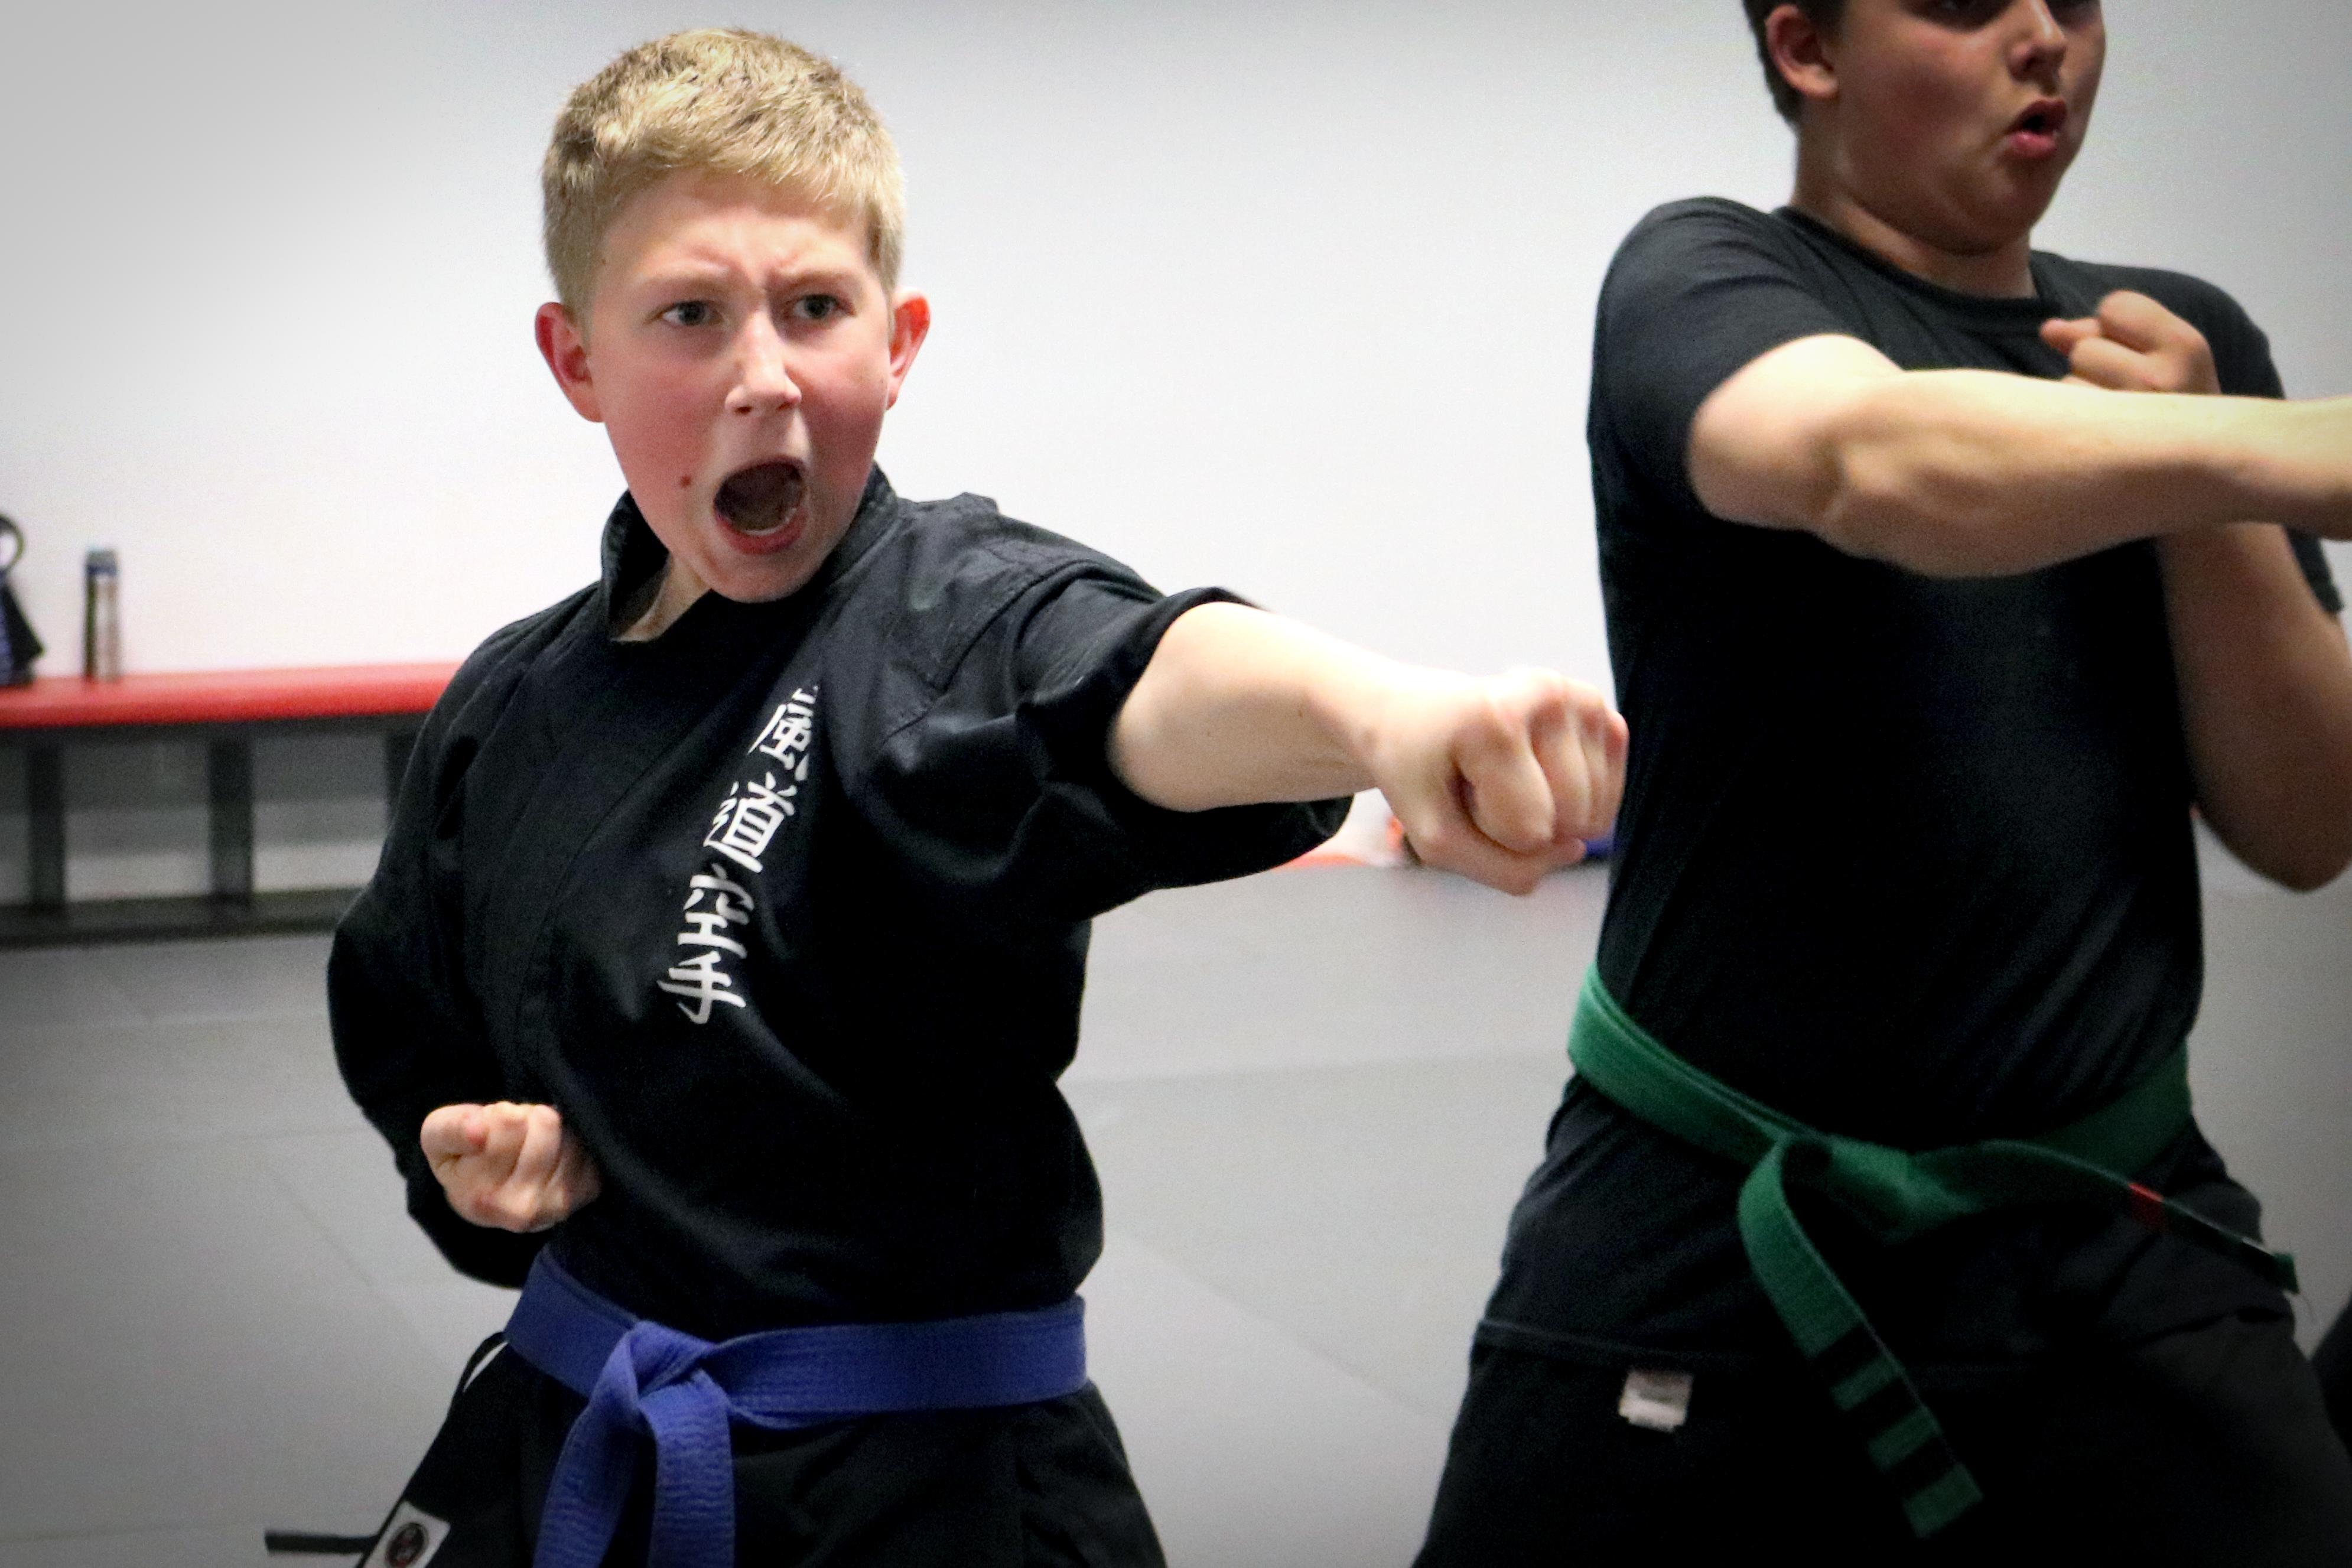 Karate Student Punching